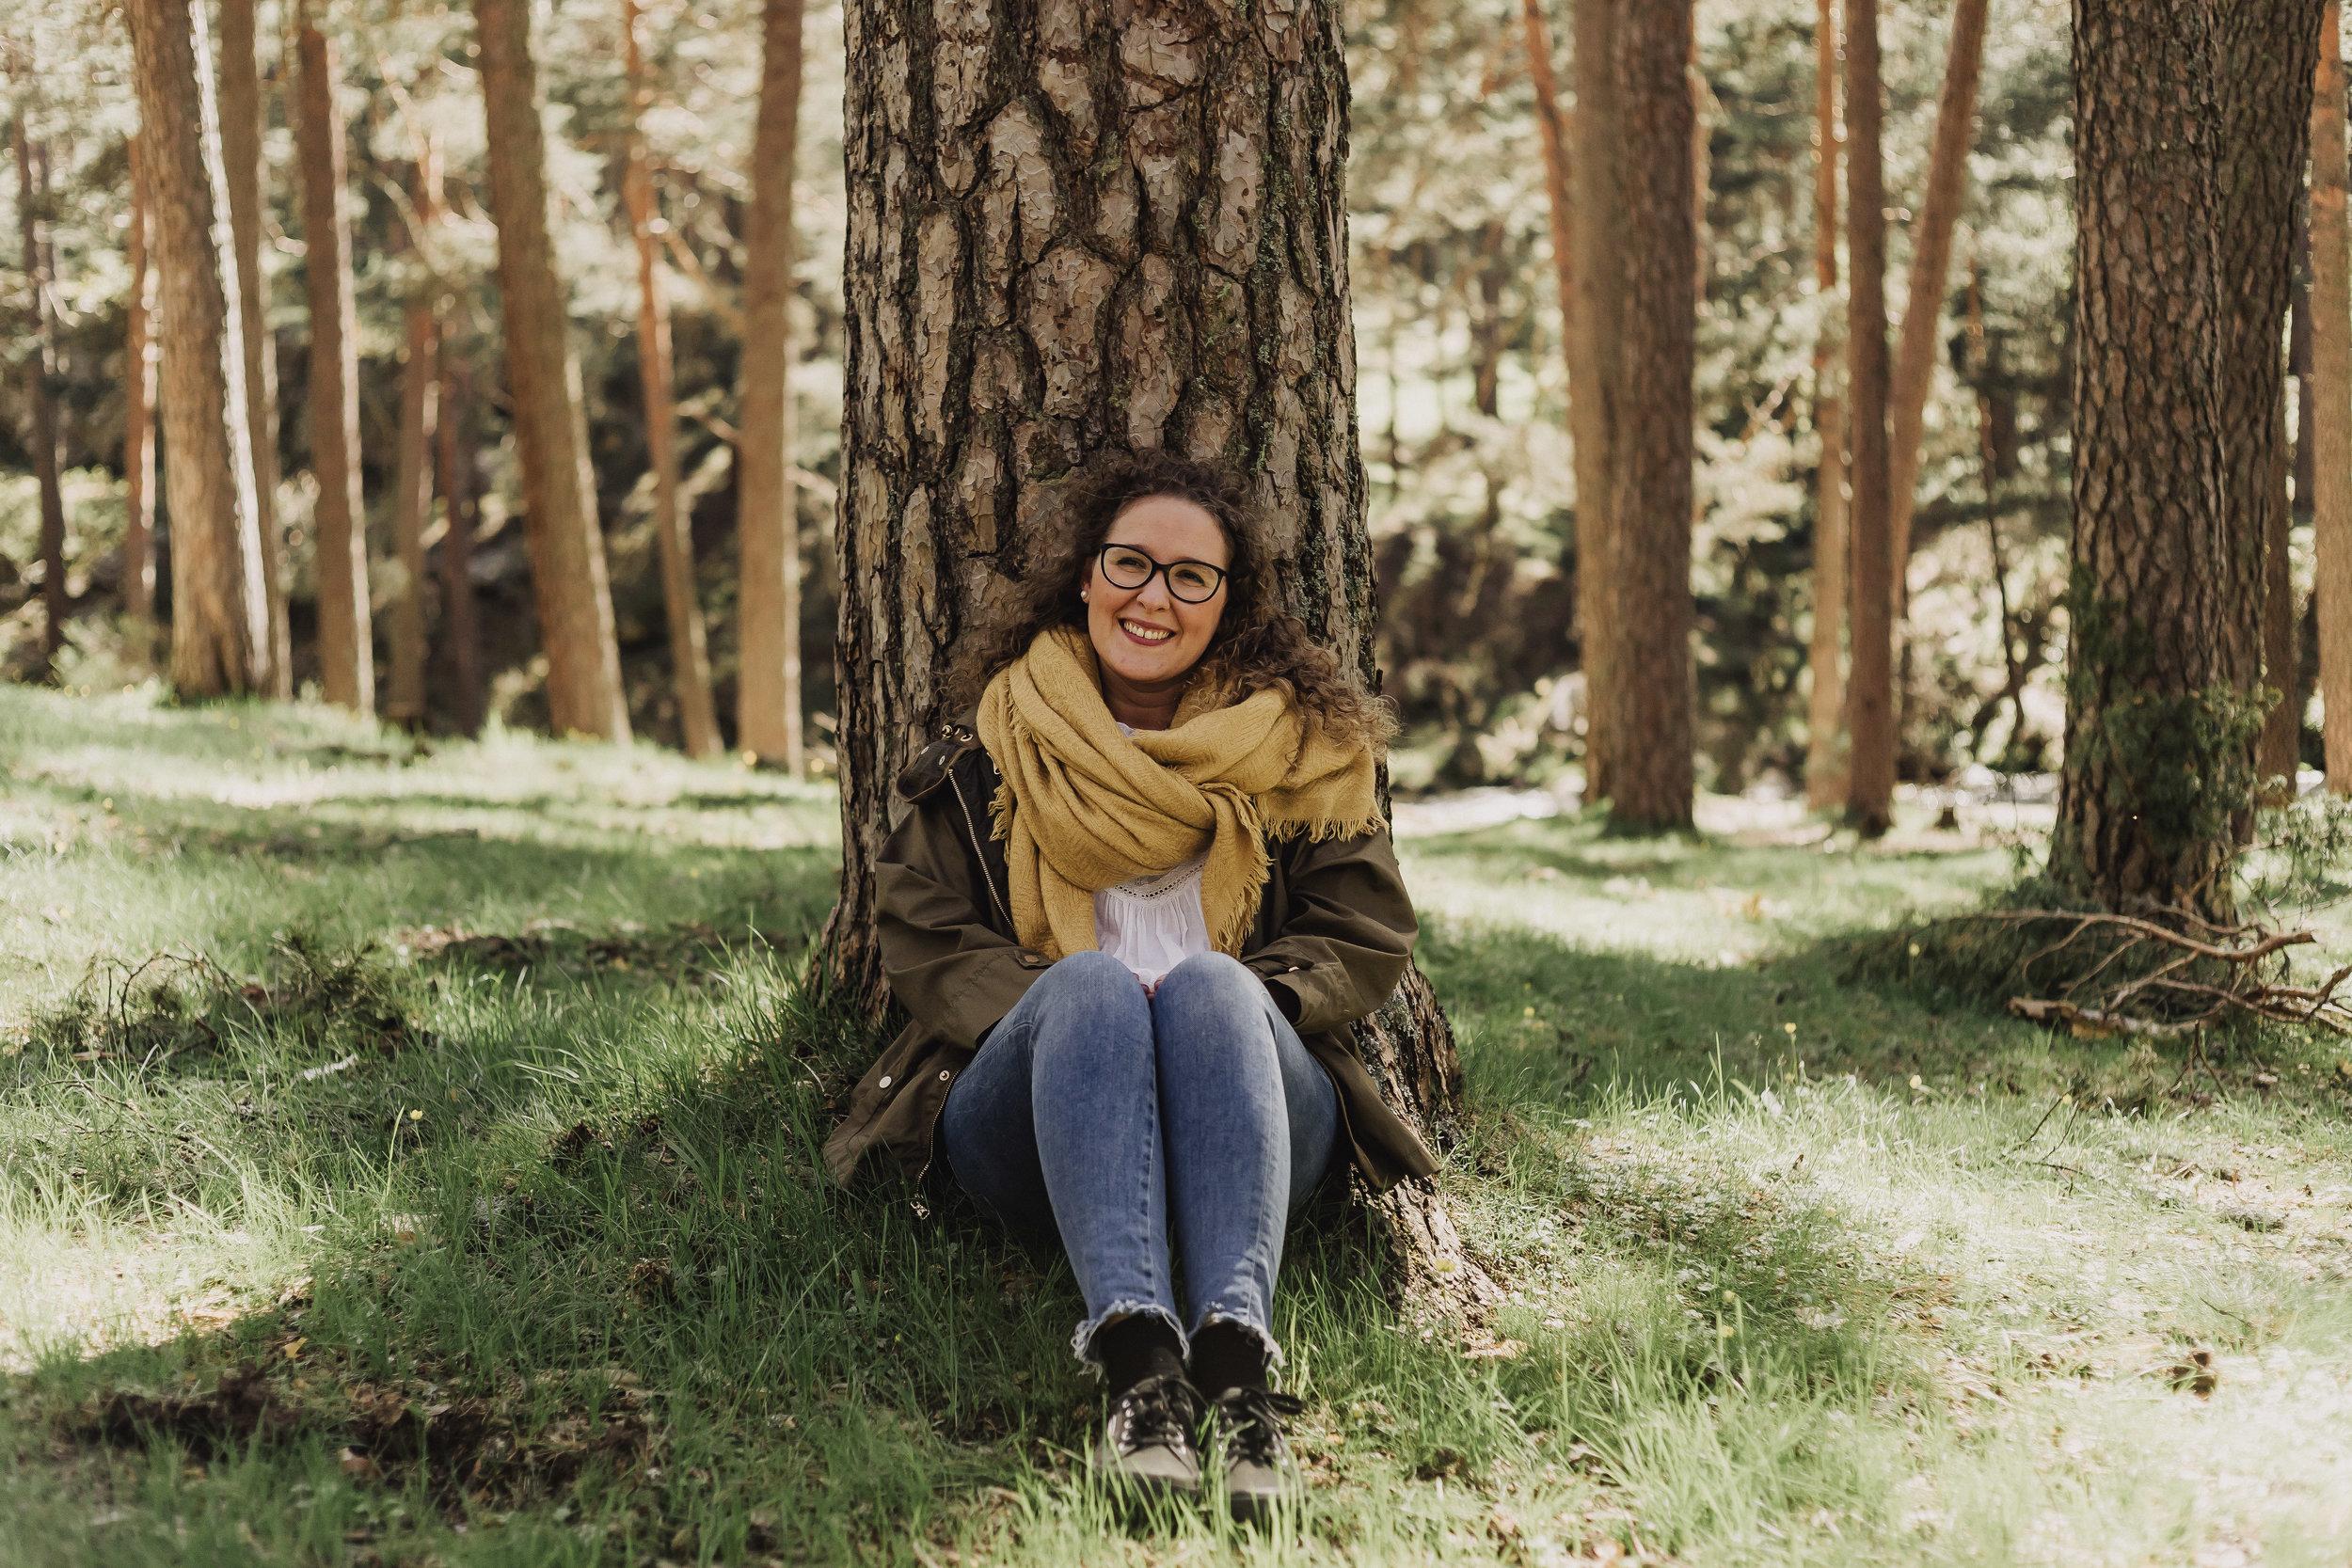 preboda-en- bosque-54.jpg